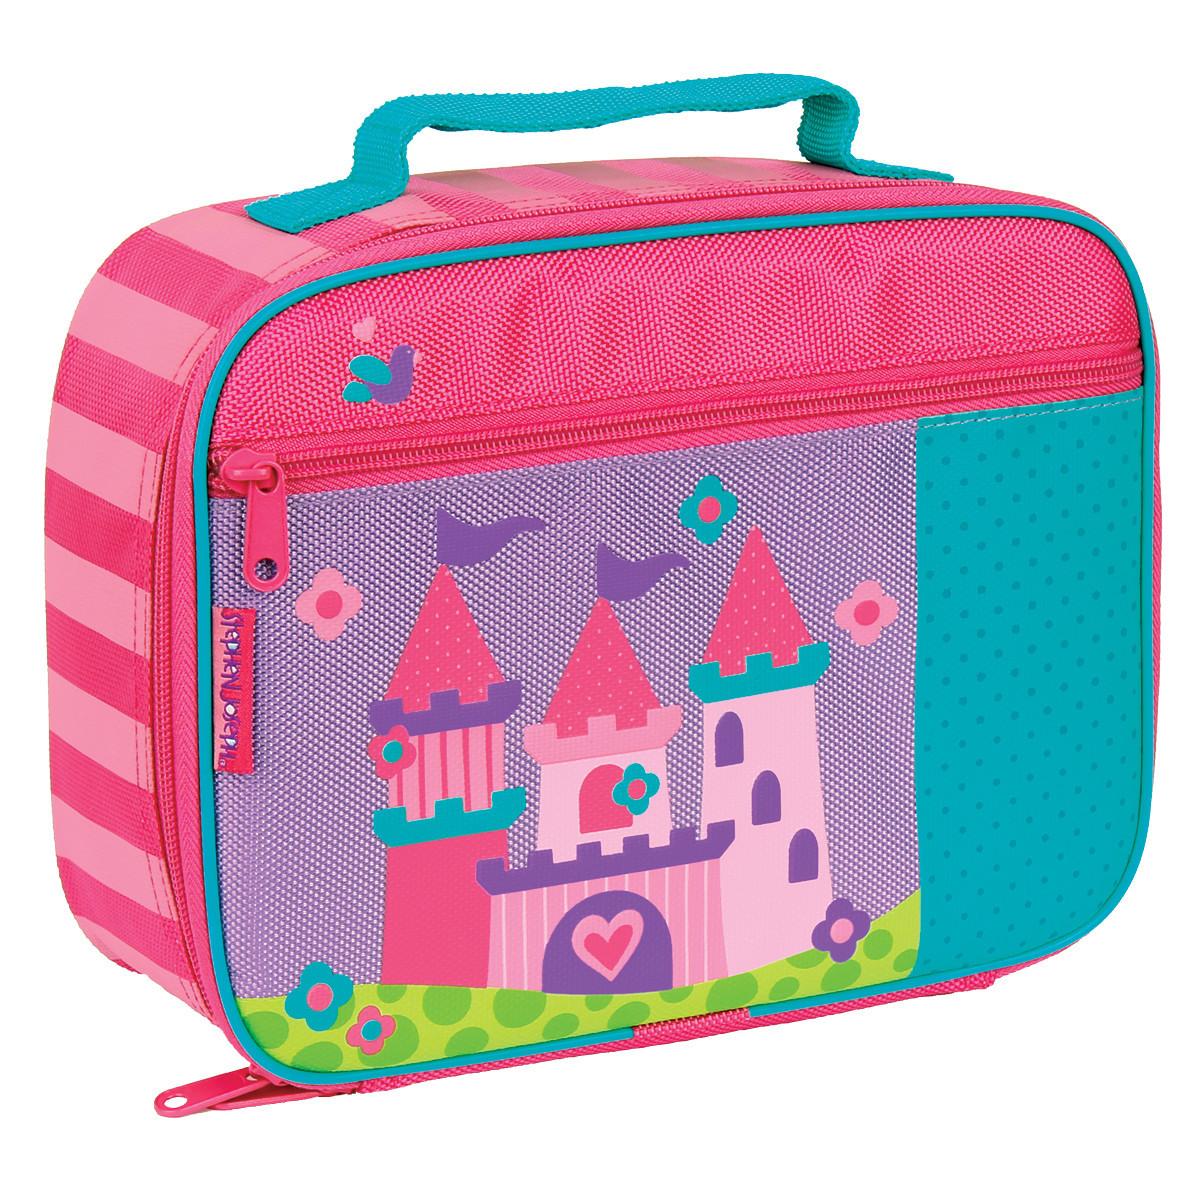 a5ab8000819d Stephen Joseph Lunch Box - Princess Castle